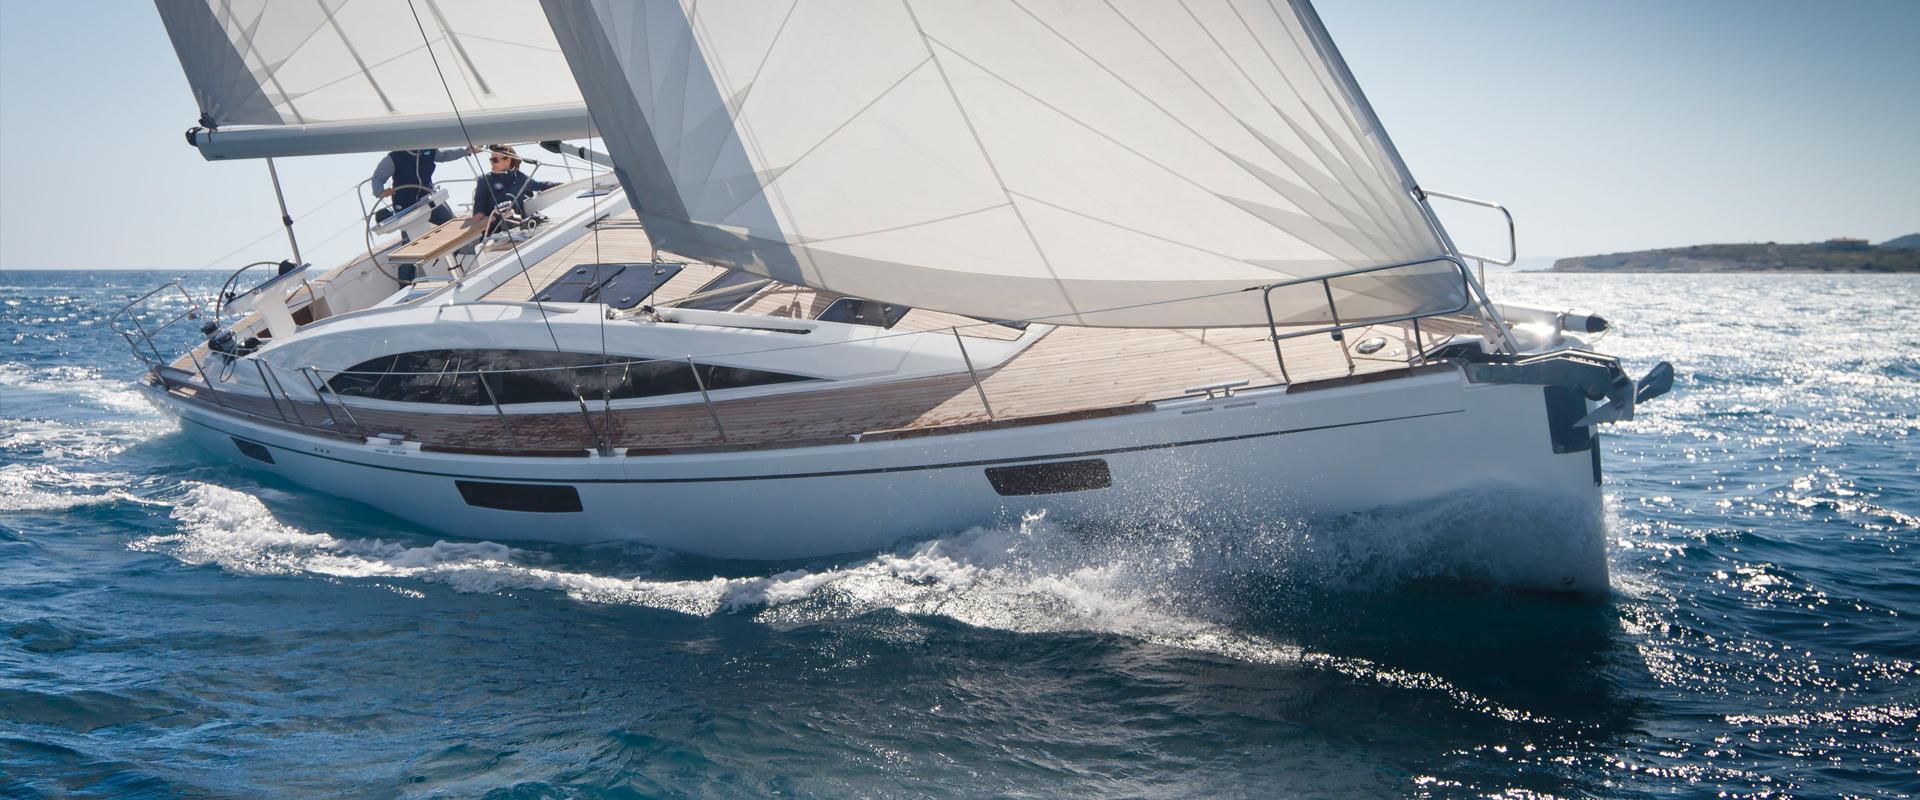 bavaria vision 46 bavaria yachts vision 46 for sale rh pyachtsales com Bavaria 42 Ocean Bavaria 42 Ocean